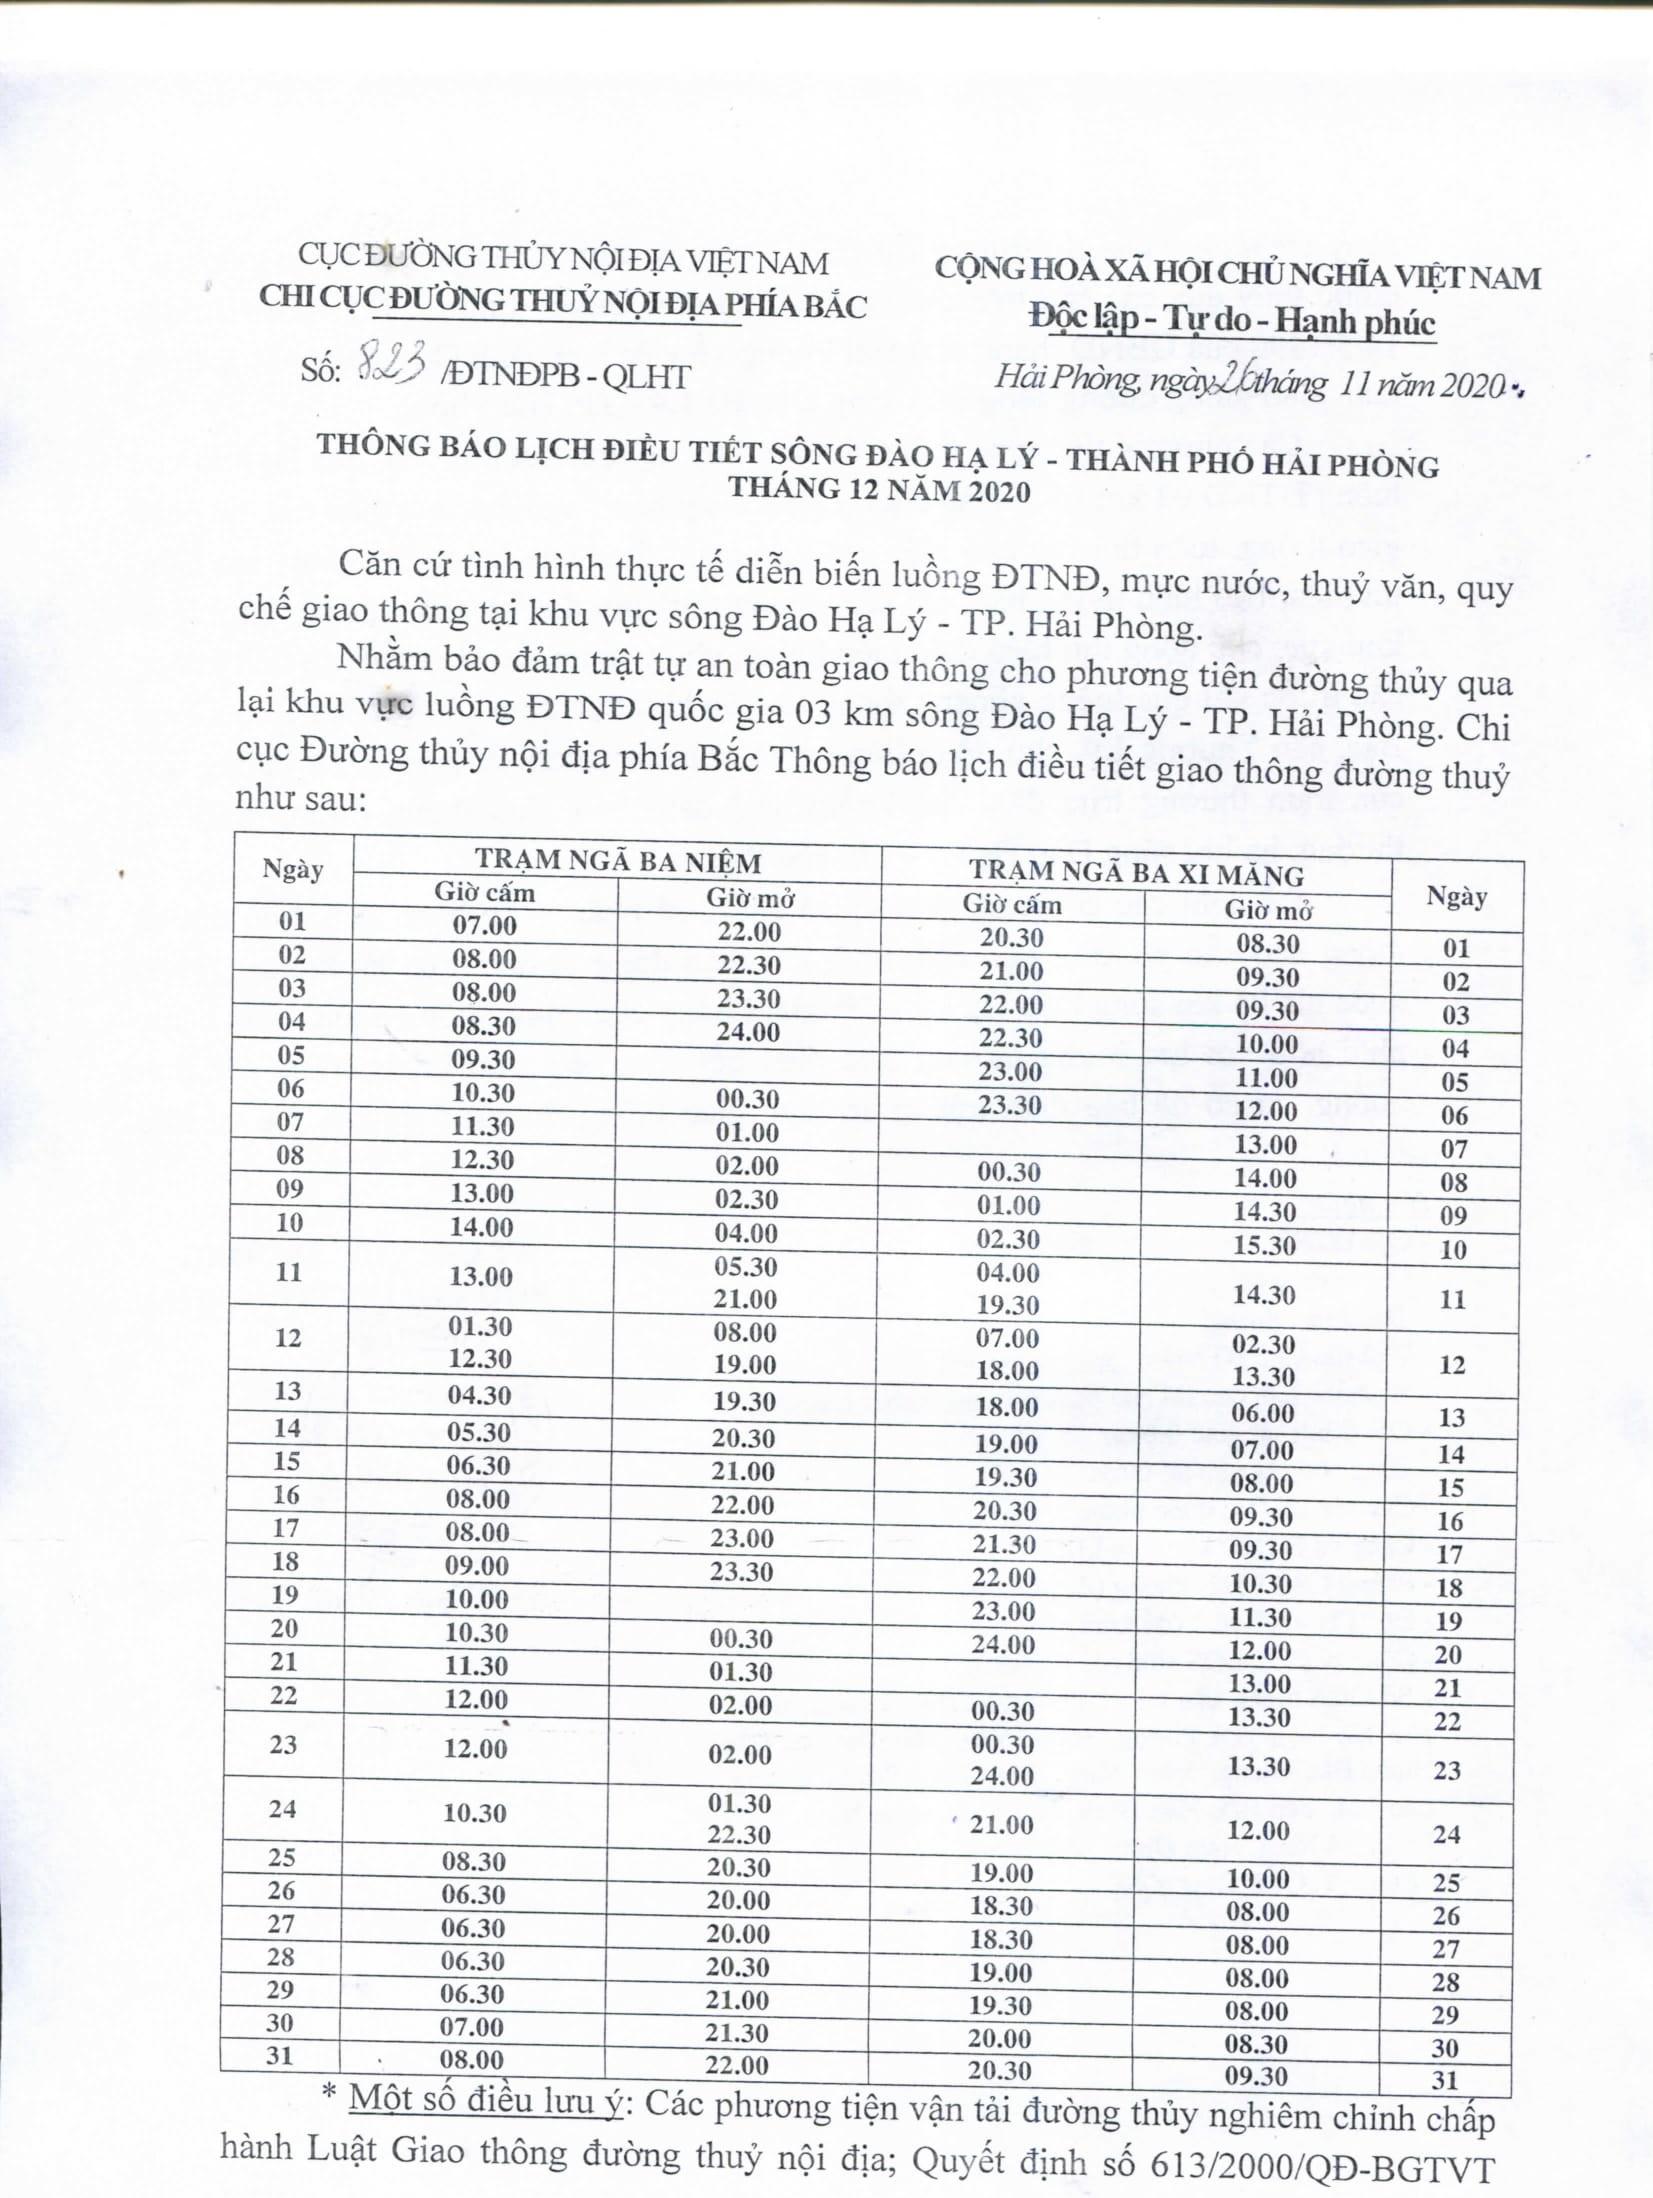 Thông báo lịch điều tiết sông Đào Hạ Lý - TP Hải Phòng tháng 12/2020